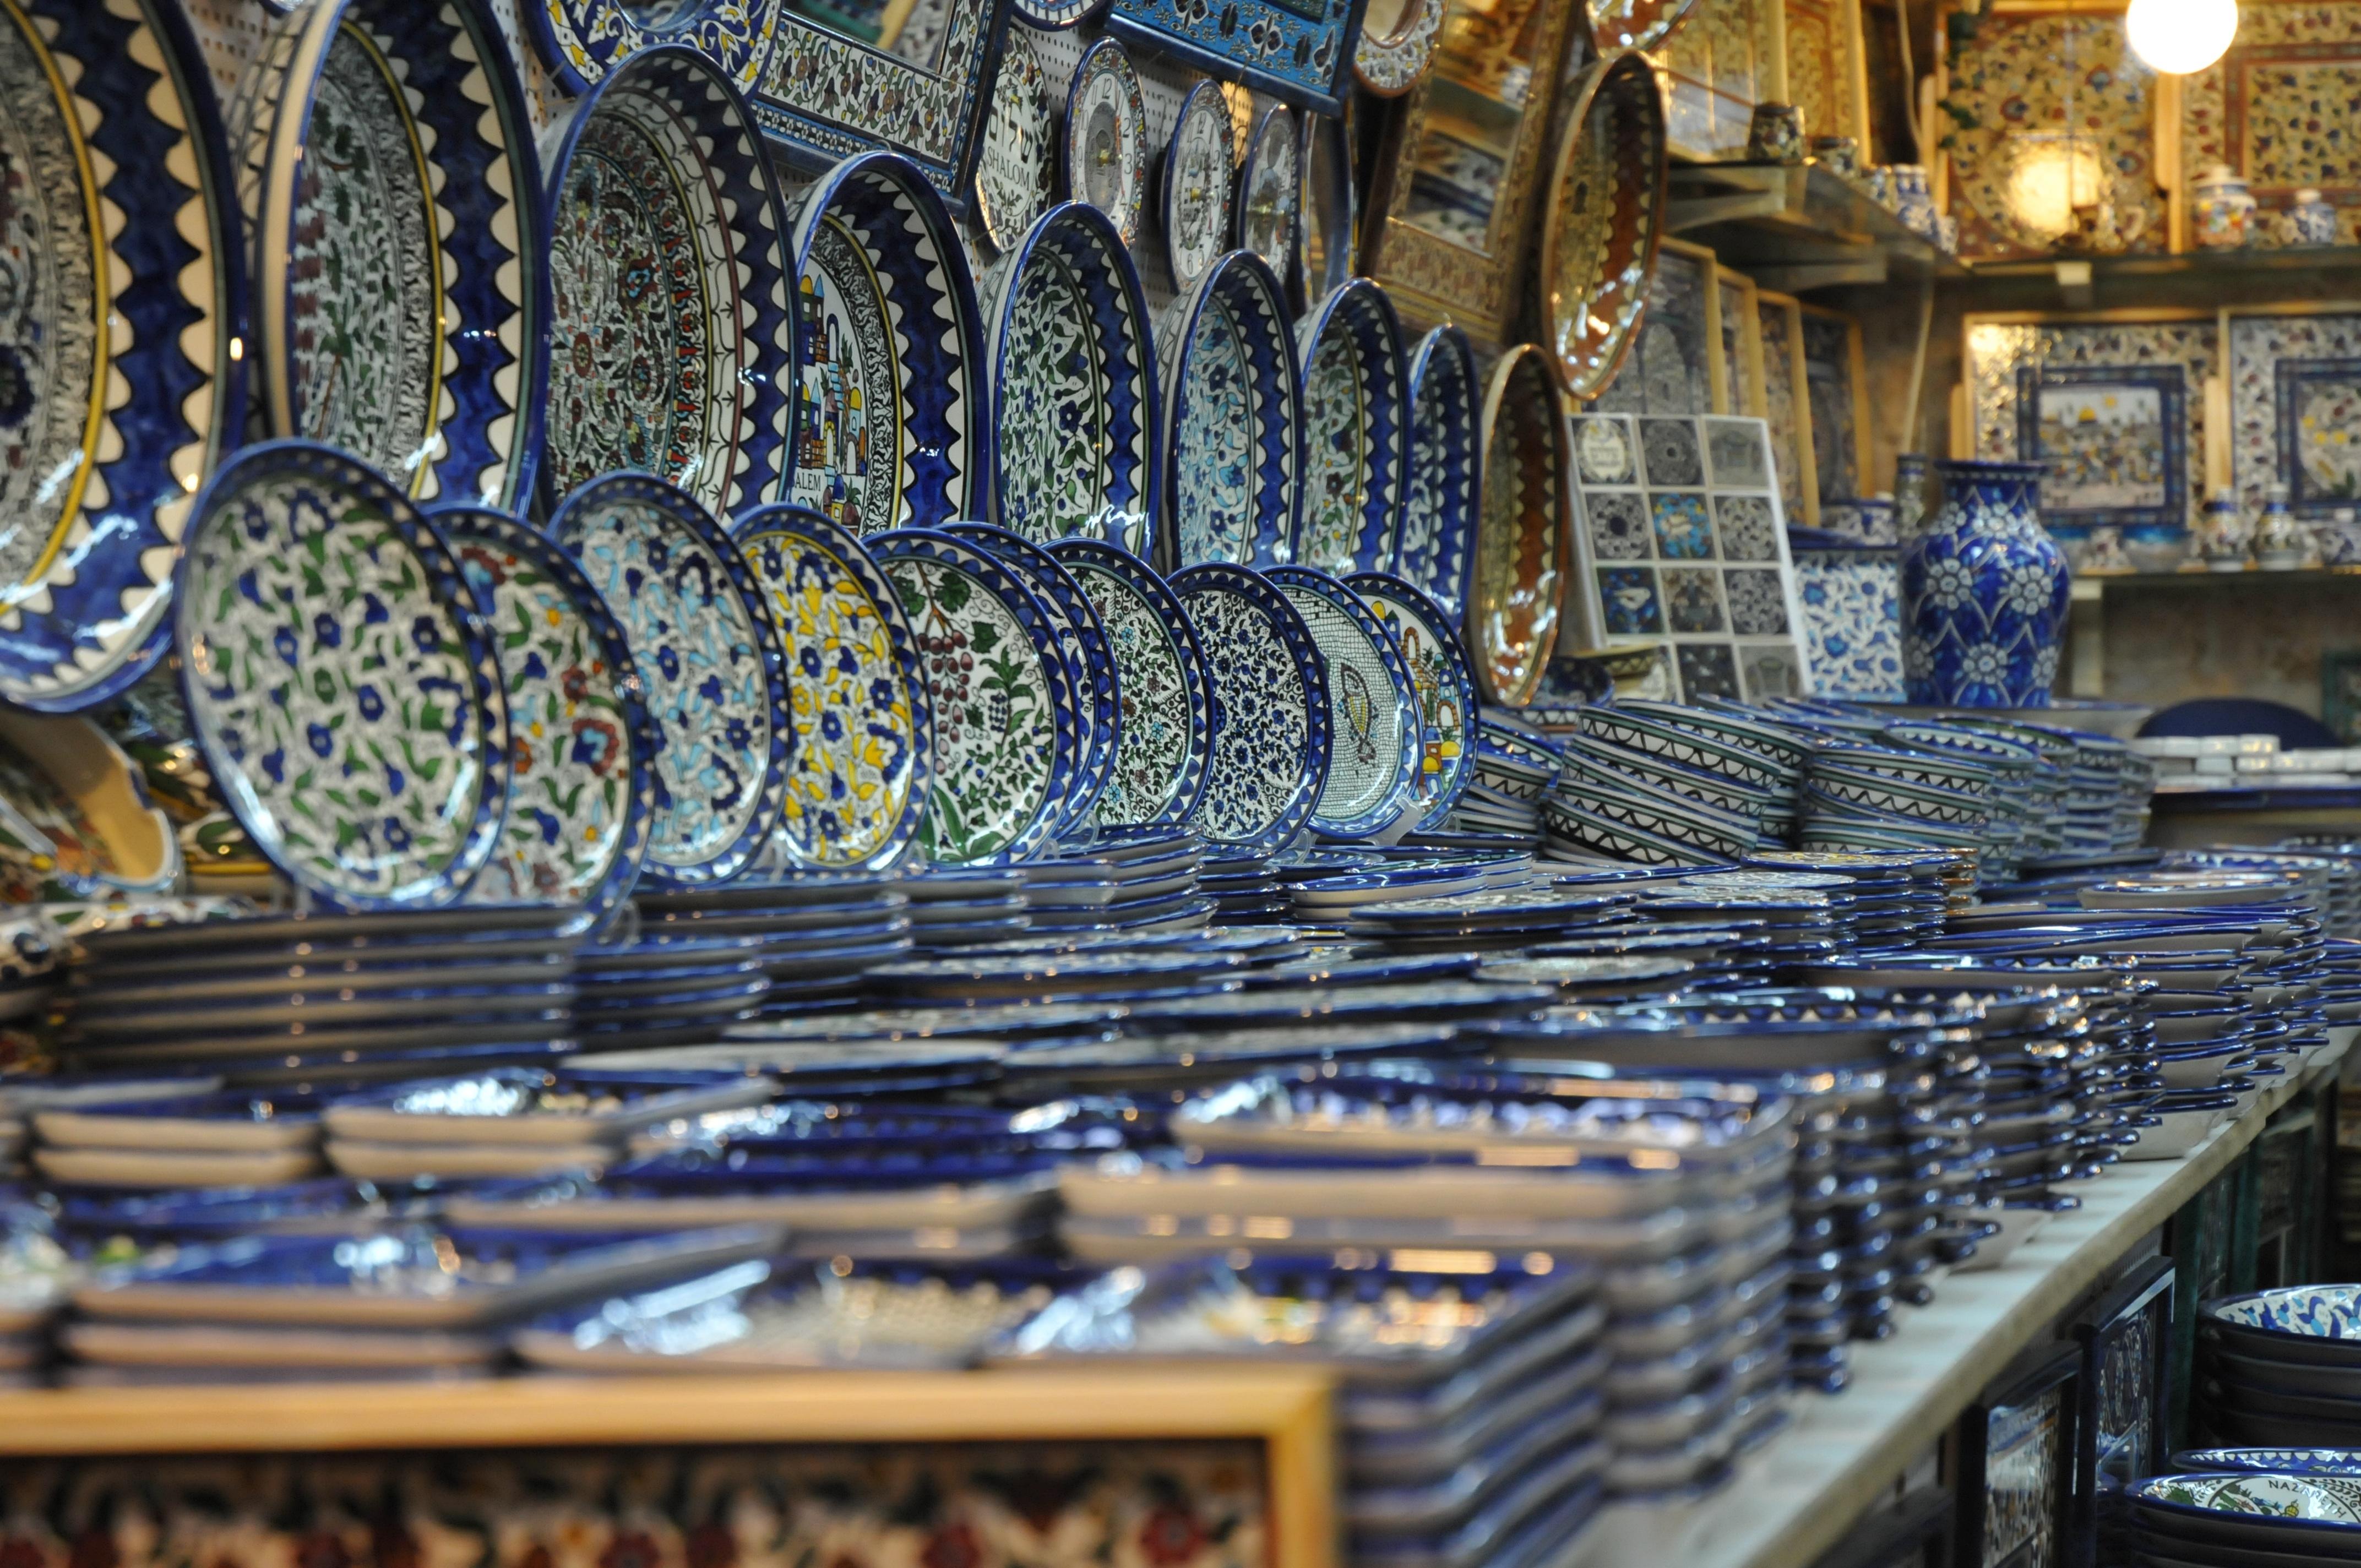 city-factory-bazaar-market-stall-urban-a